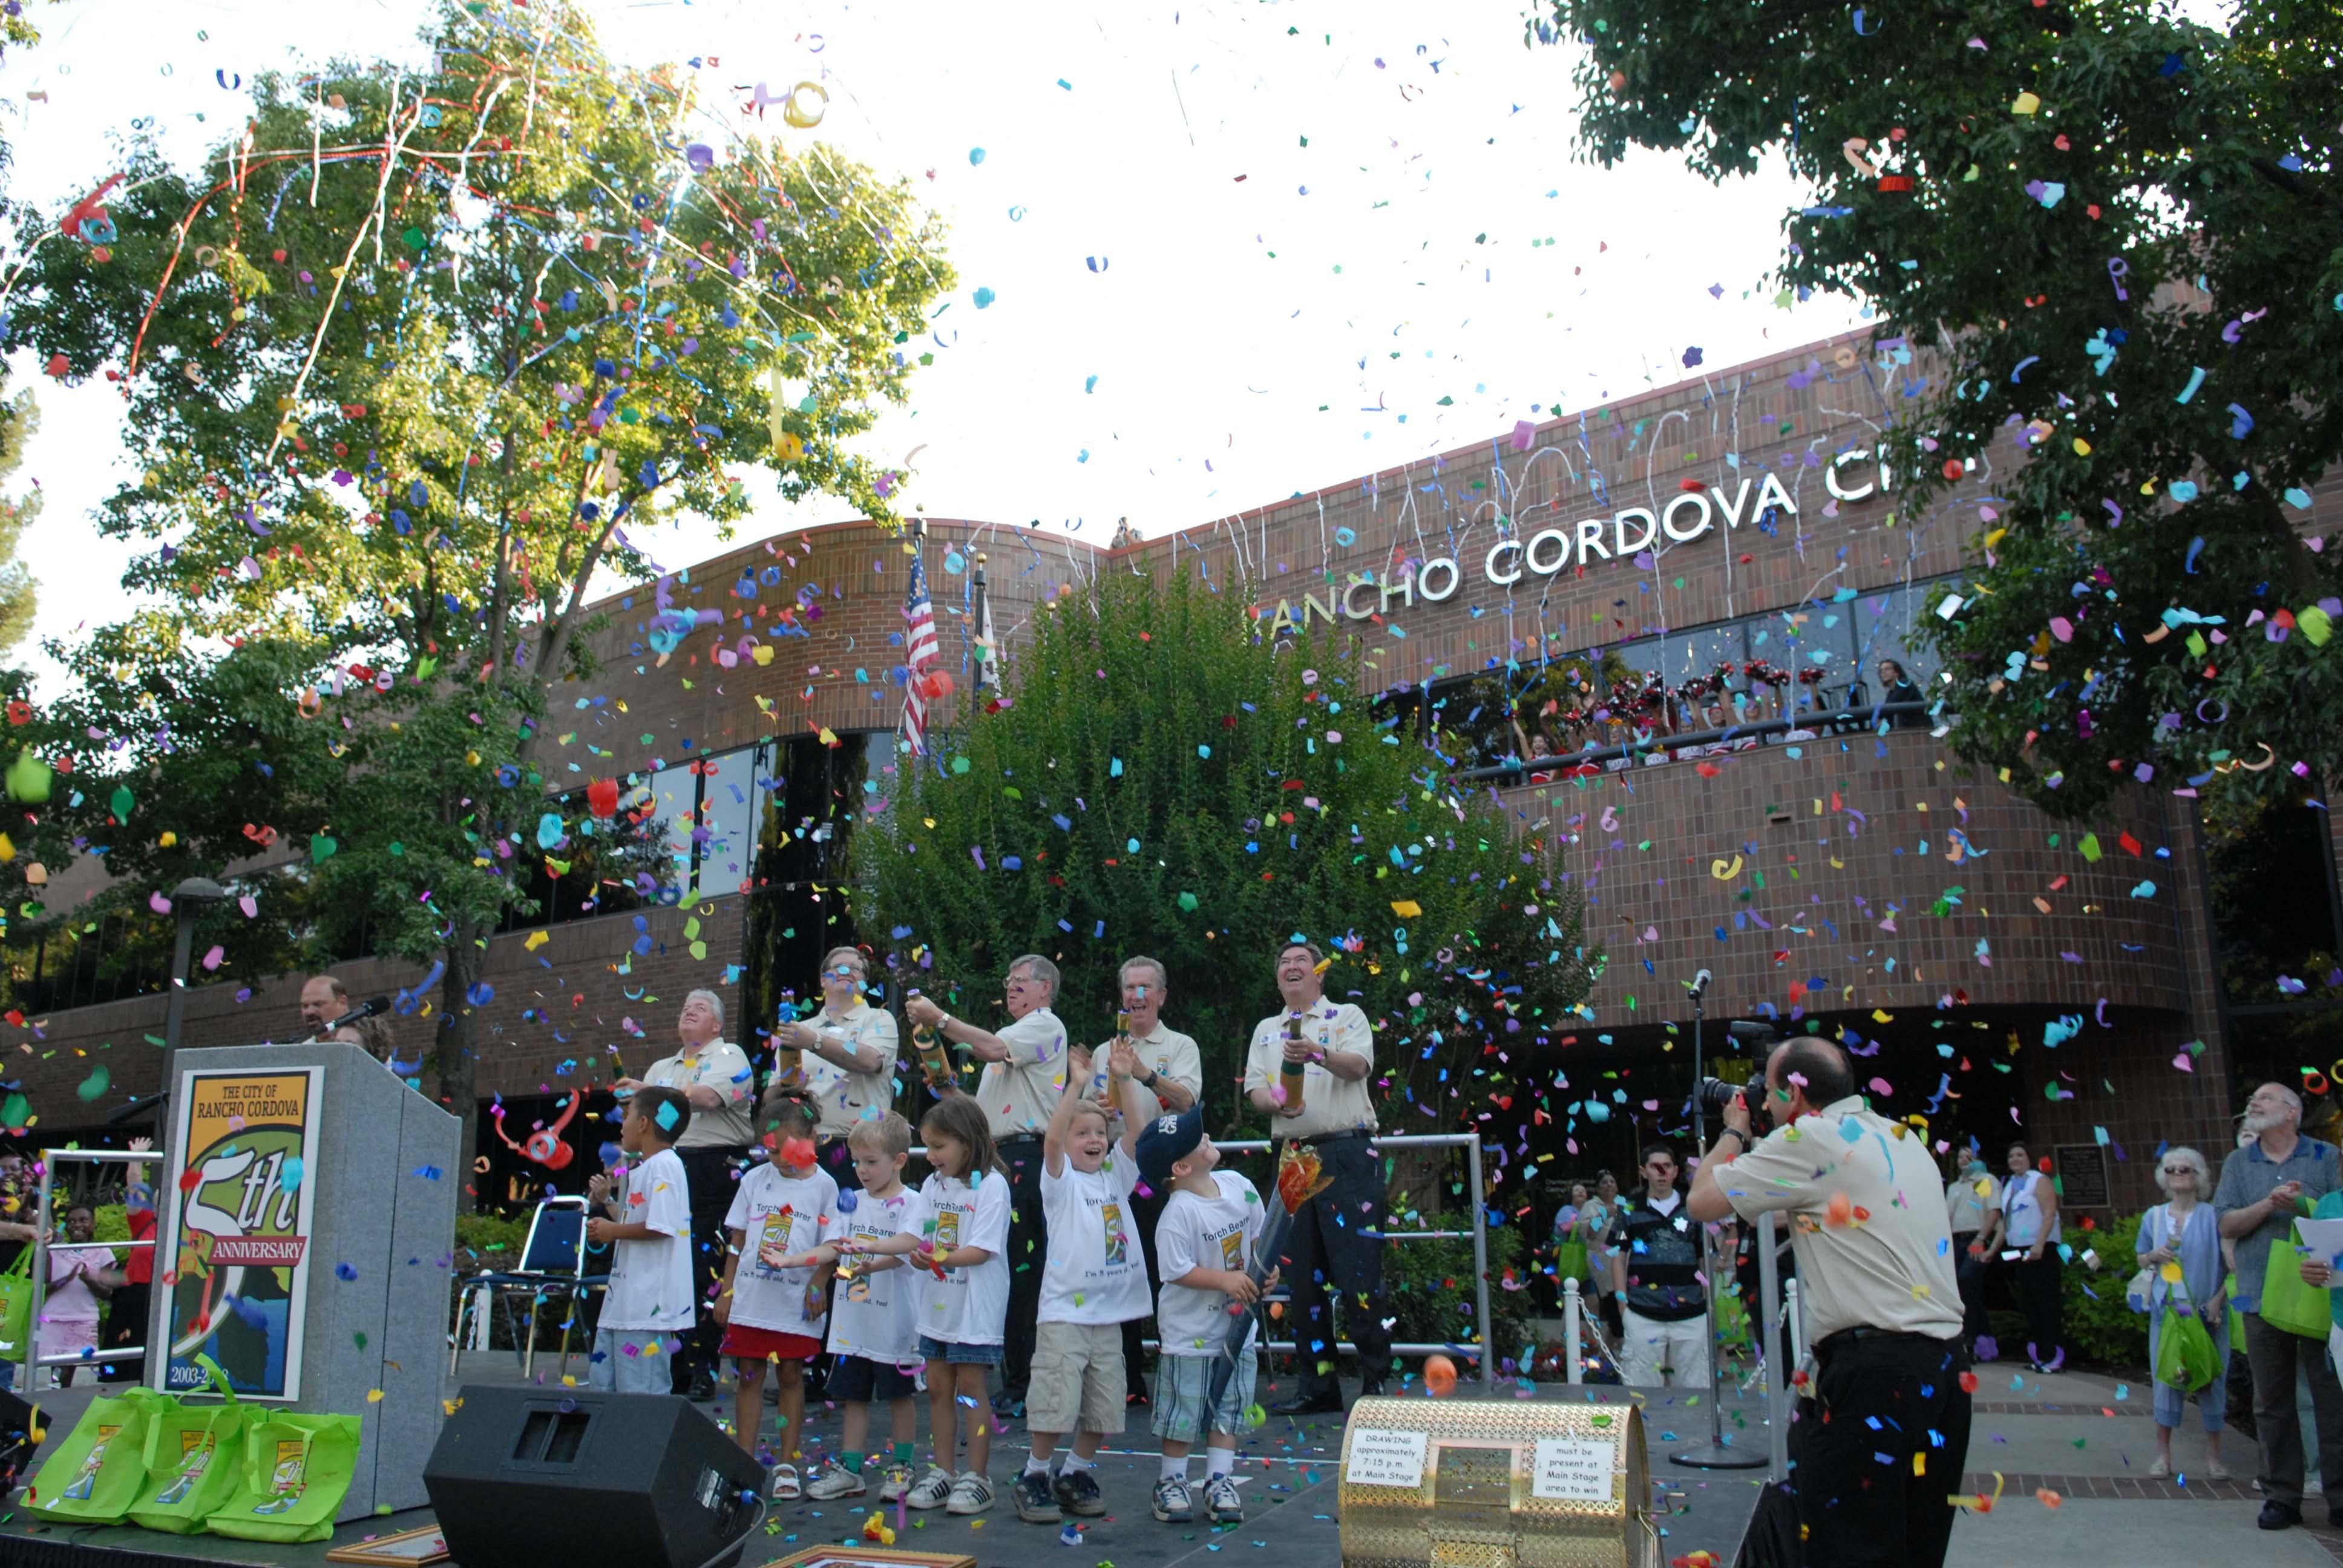 The Lundquist Company - Rancho Cordova 5th Anniversary